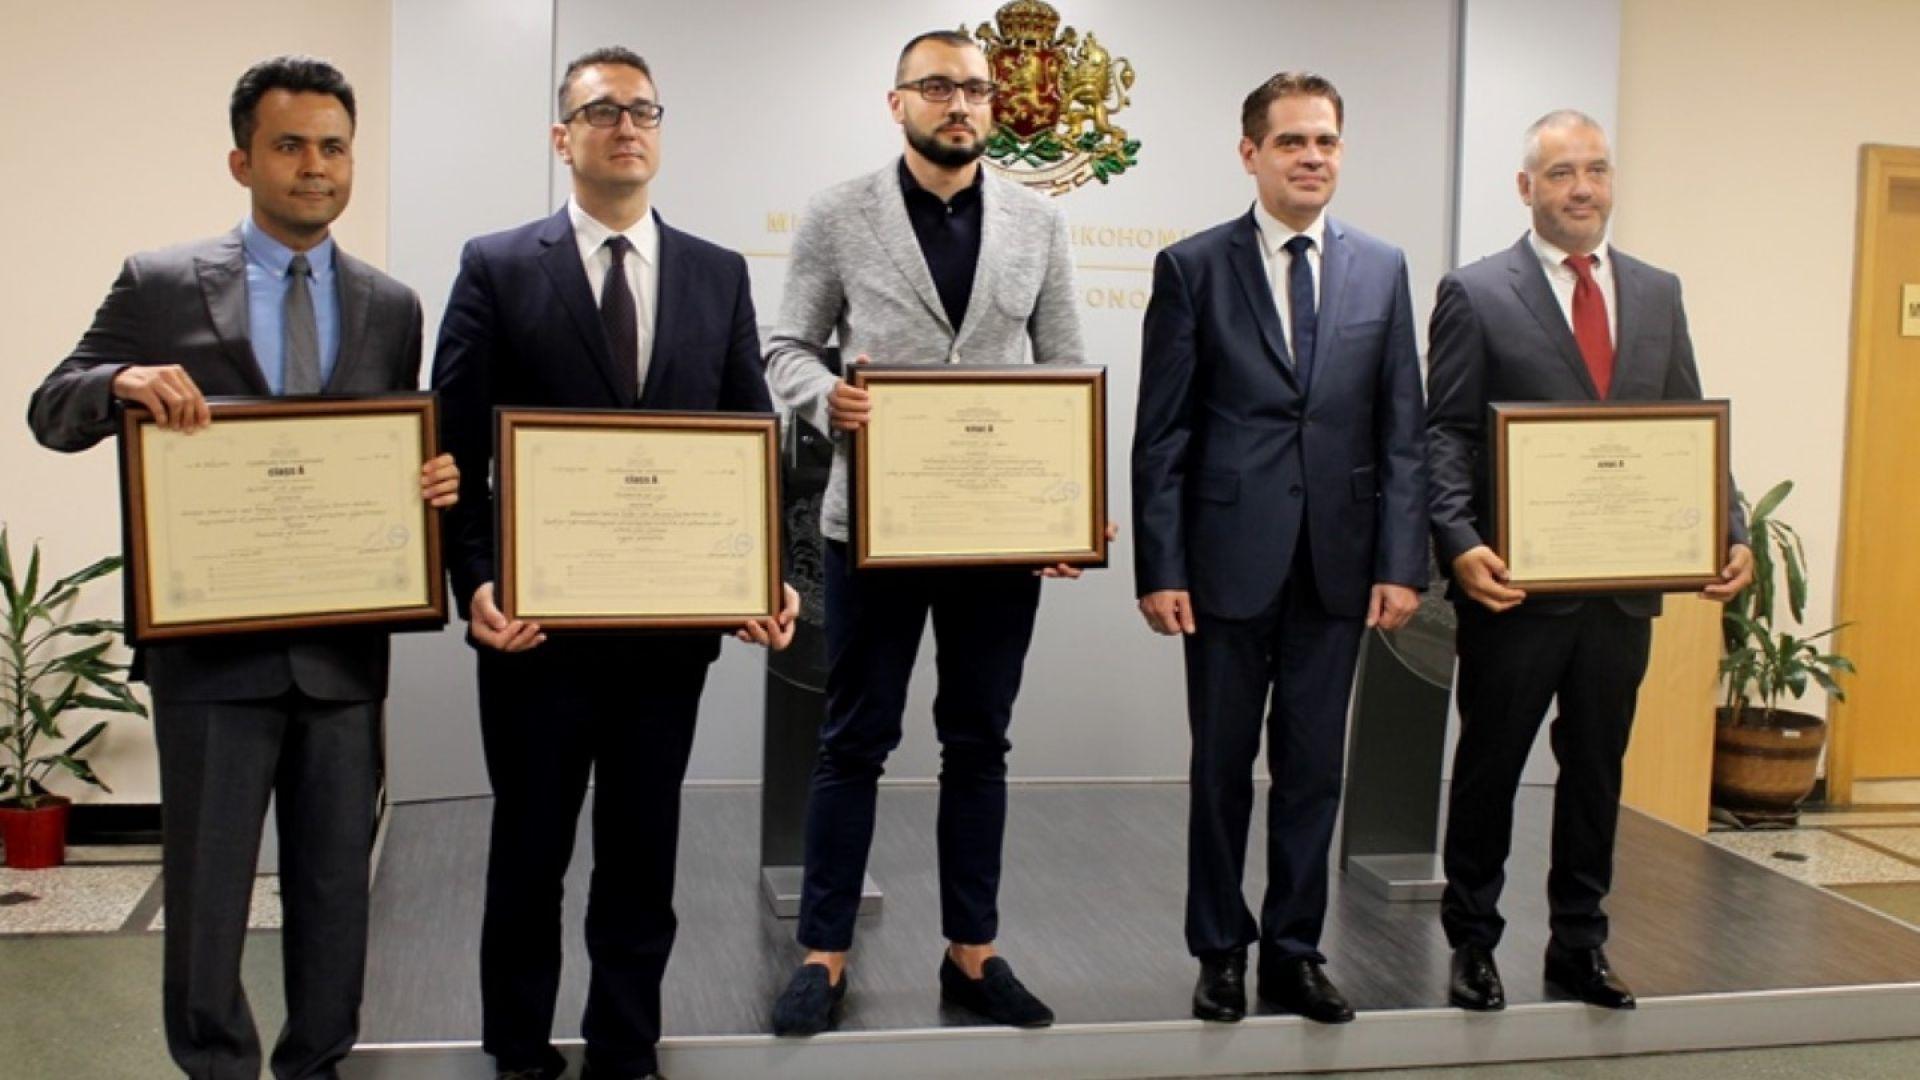 Лъчезар Борисов връчи четири сертификата за инвестиции за 110 млн. лева